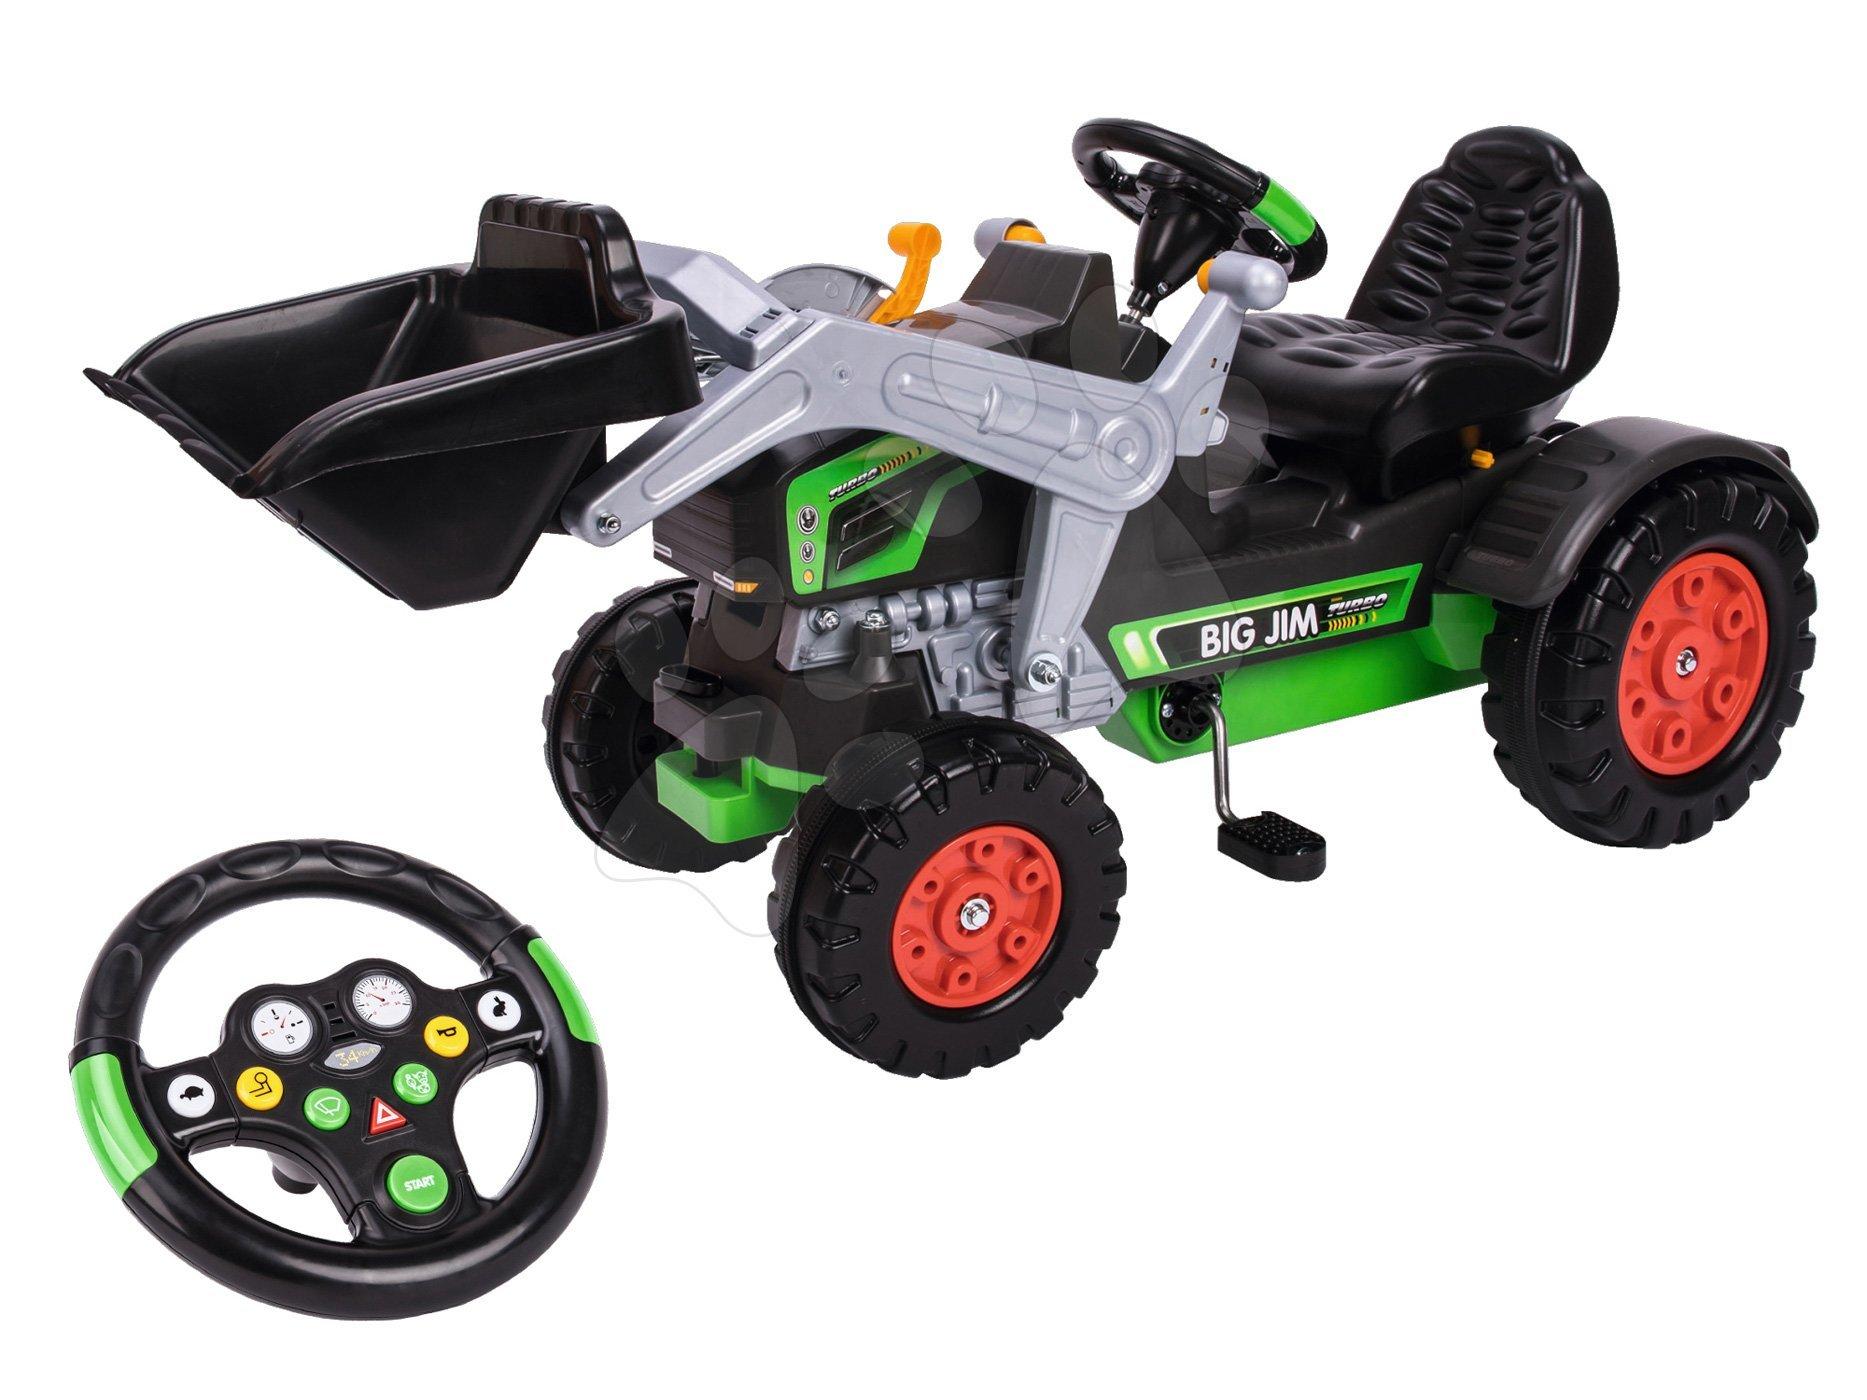 Otroška vozila na pedala - Traktor na pedala bager BIG Jim Turbo z interaktivnim volanom na verižni pogon